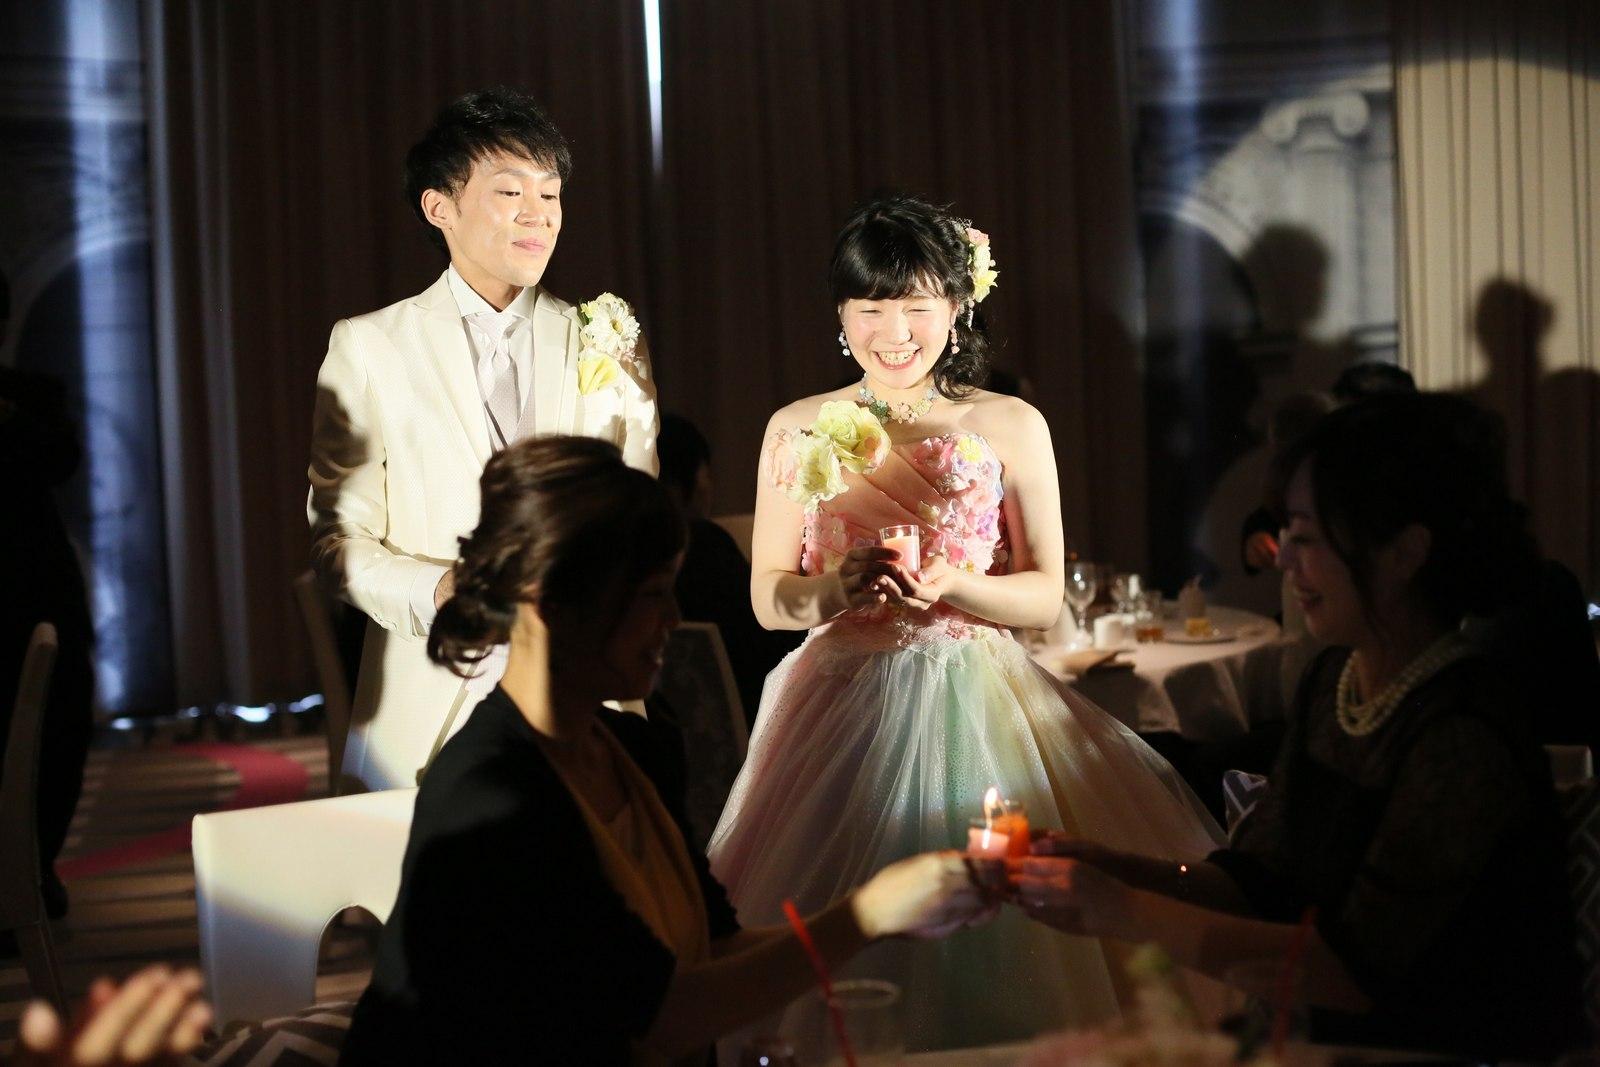 徳島市の結婚式場ブランアンジュで披露宴での感動のキャンドル演出